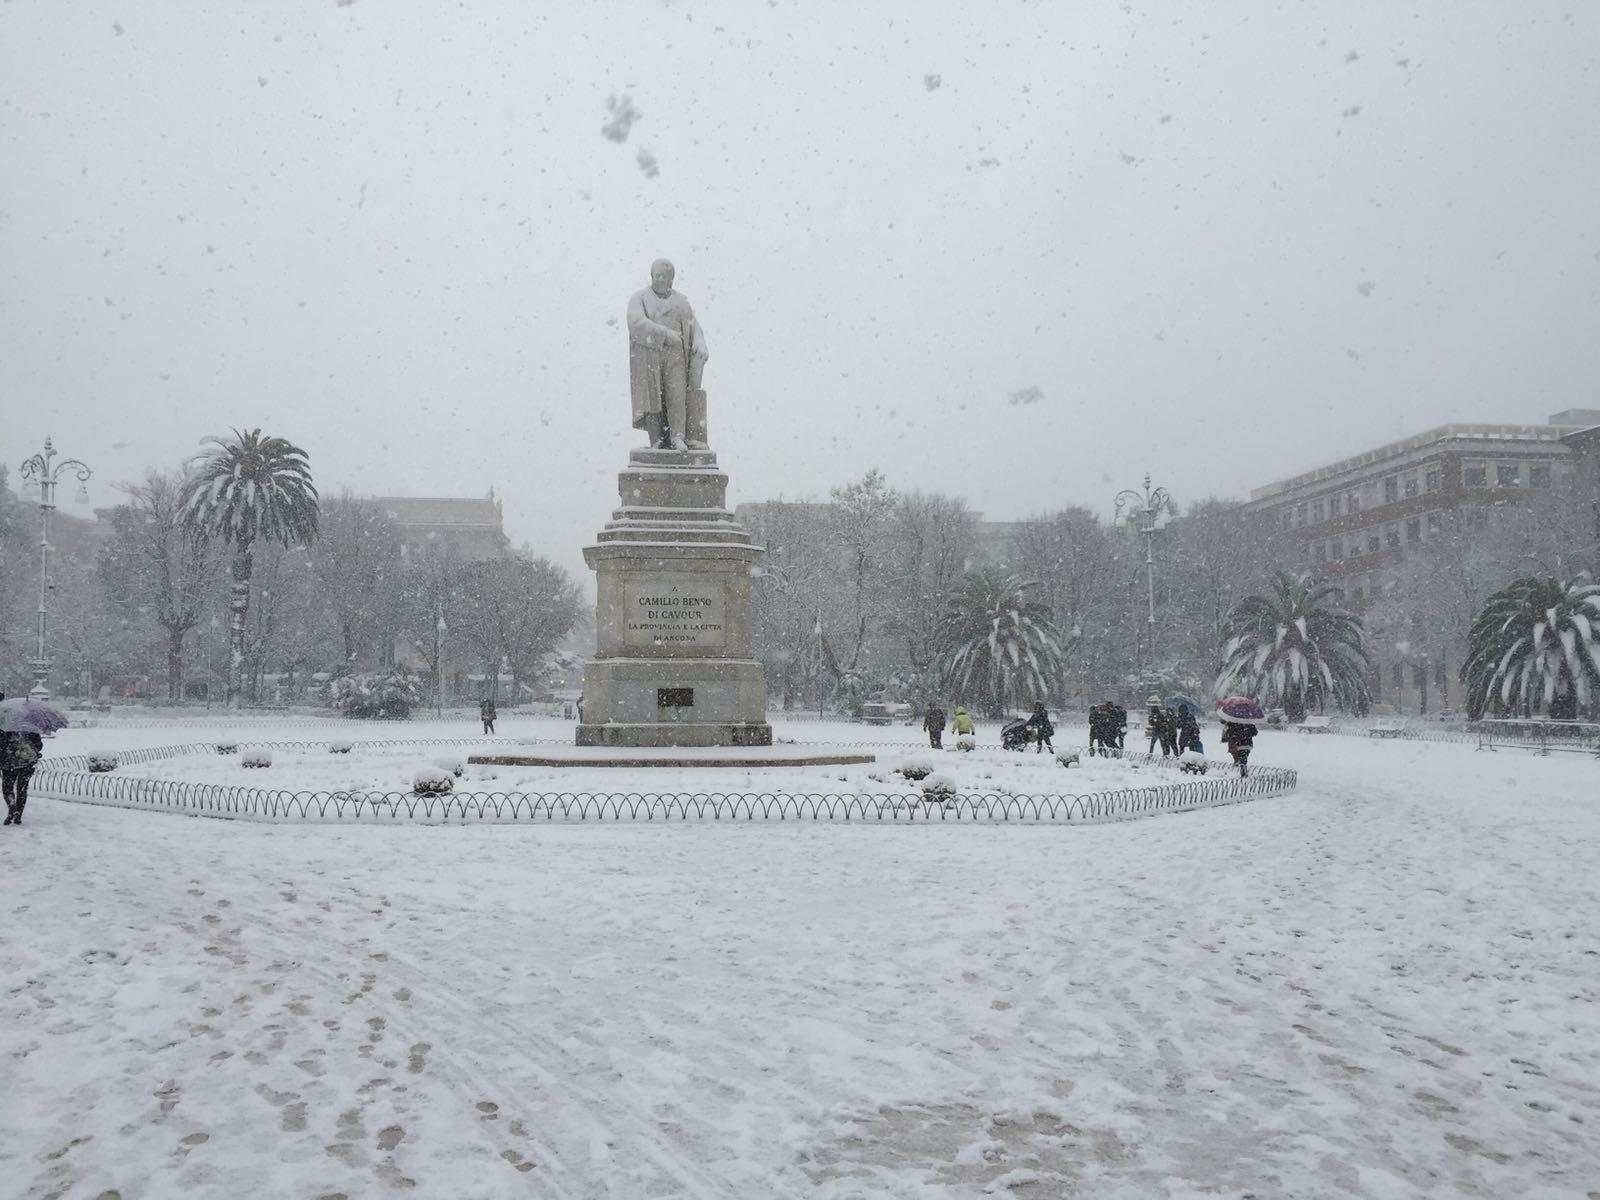 Neve ad Ancona: strade chiuse, via Flaminia bloccata e auto sanzionate. Vietata la circolazione al porto (Fotogallery)